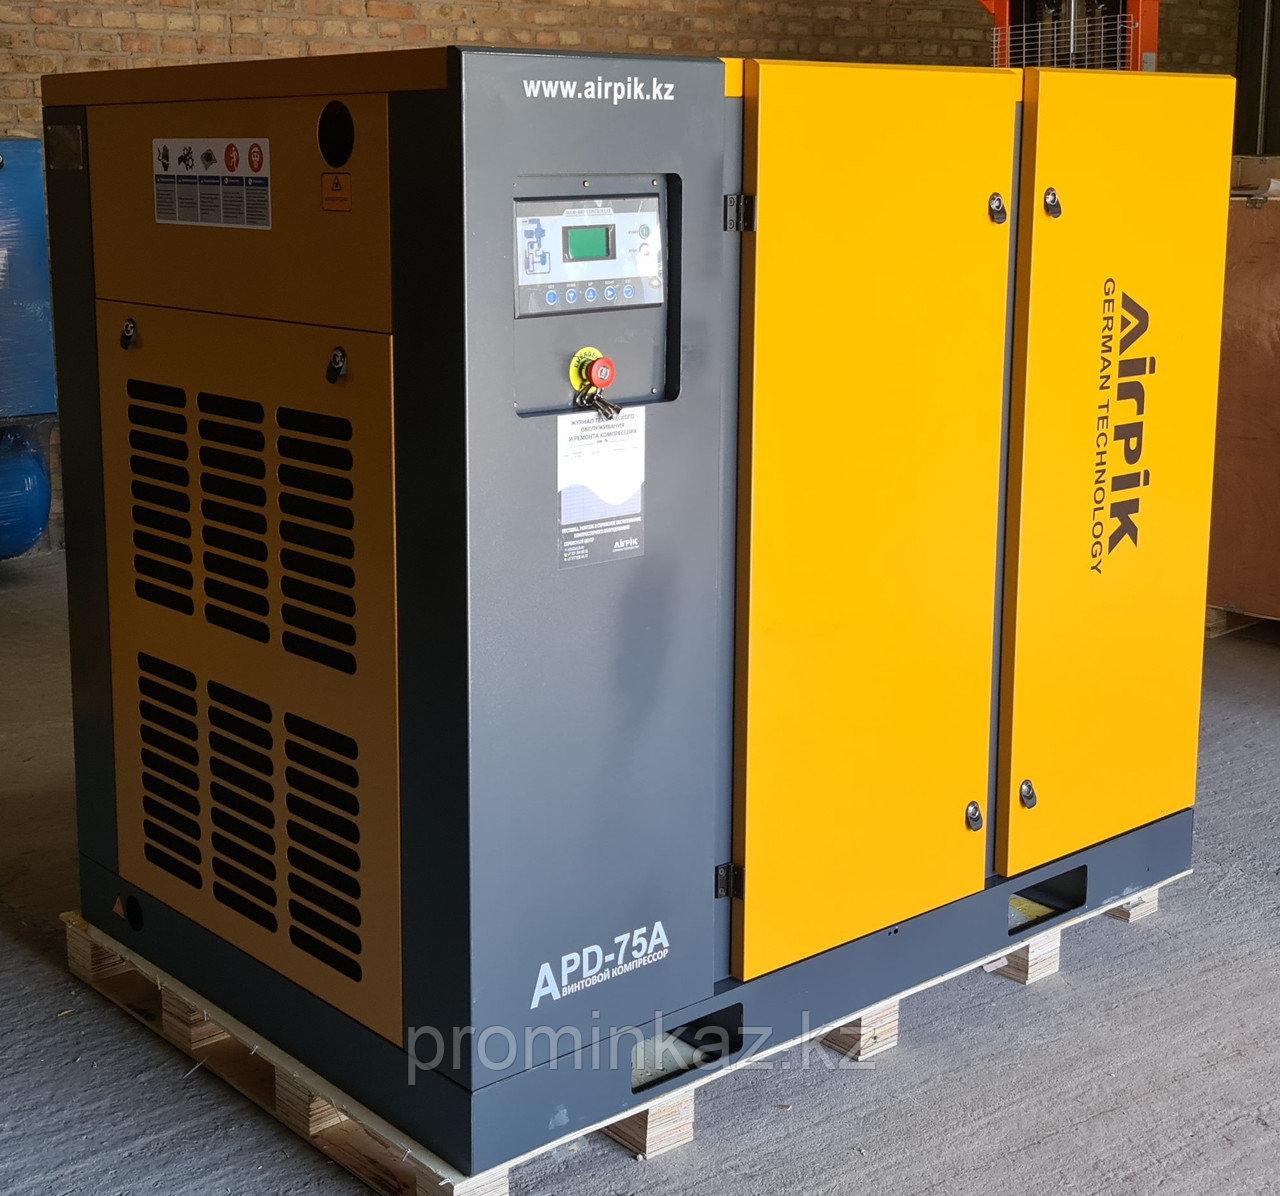 Винтовой компрессор APD-75A, -9.6 куб.м, 55кВт, AirPIK